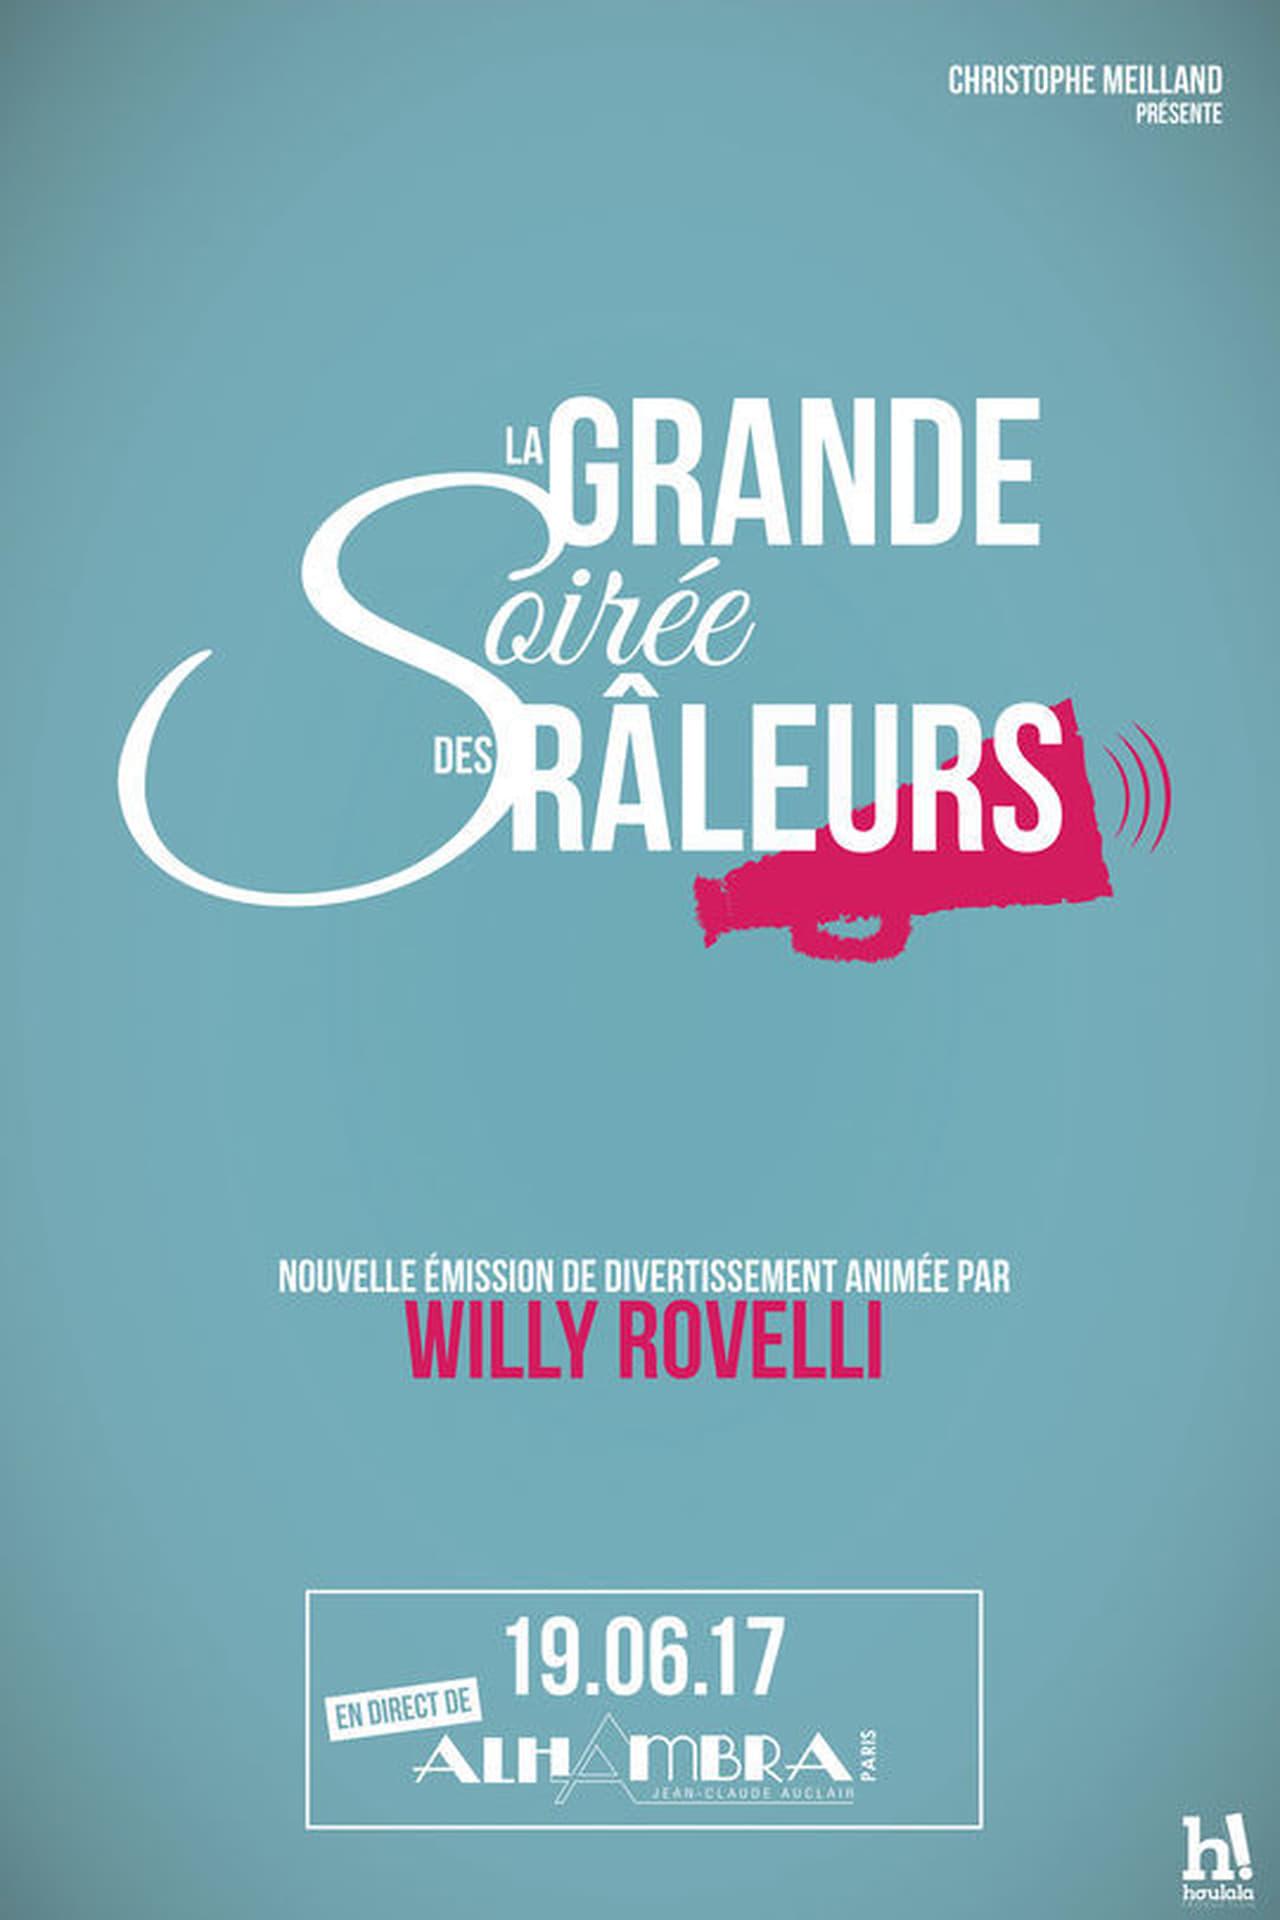 Willy Rovelli et la grande soirée des râleurs